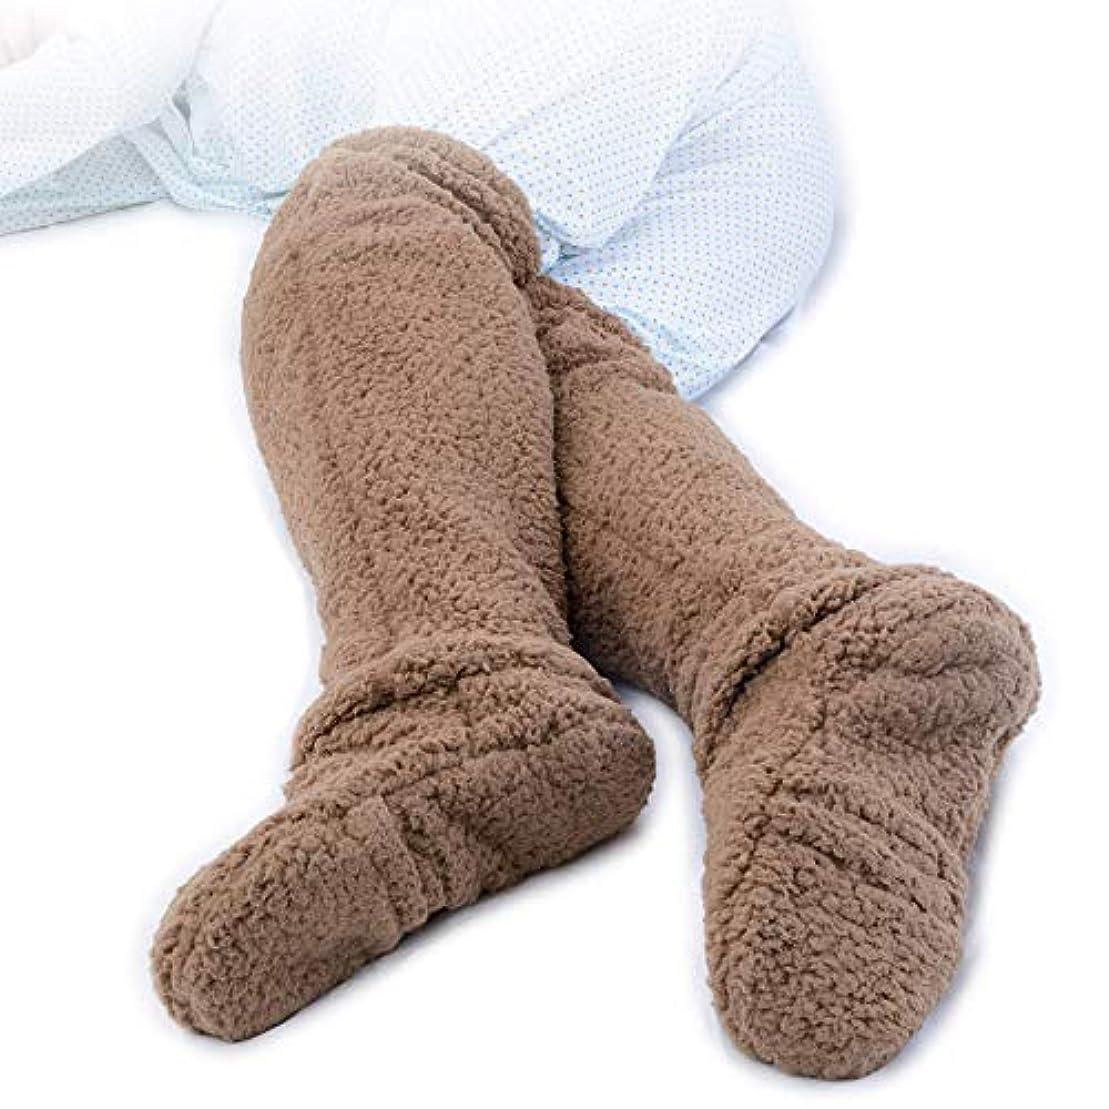 七時半分離活力ヒートソックス,Enteriza 極暖 防寒 足が出せるロングカバー あったかグッズ ルームシューズ 男女兼用 2重フリース生地 室内履き 軽量 洗える